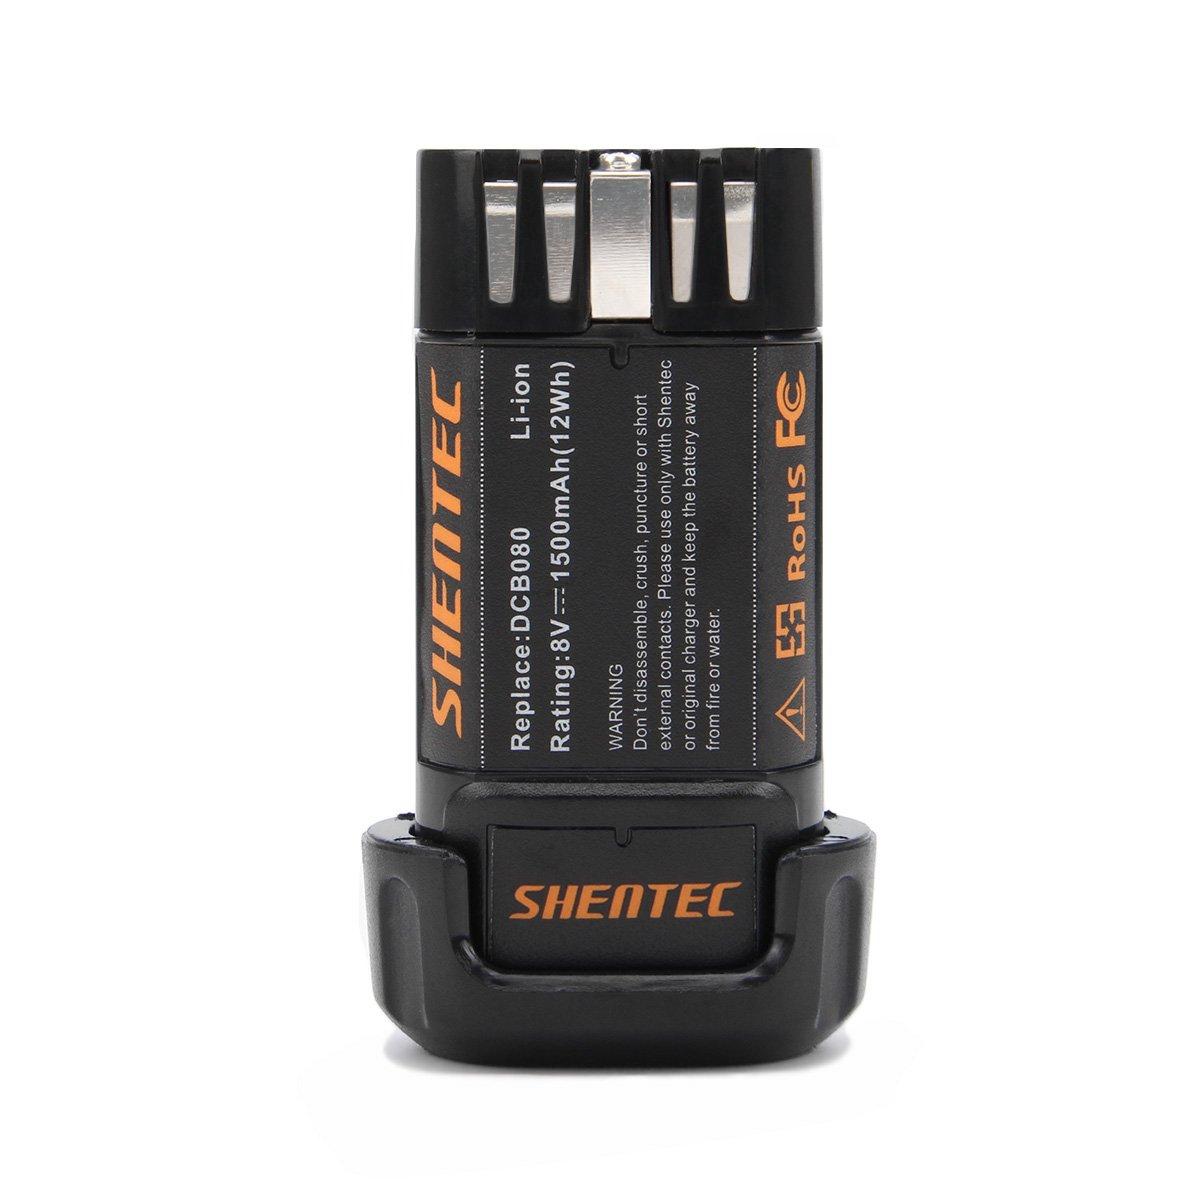 Shentec 1500mAh 8-Volt Replacement Battery Compatible with DEWALT DCB080 Dewalt DCF680N1 DW4390 DCF680N2 DCF680G2, Li-ion Battery